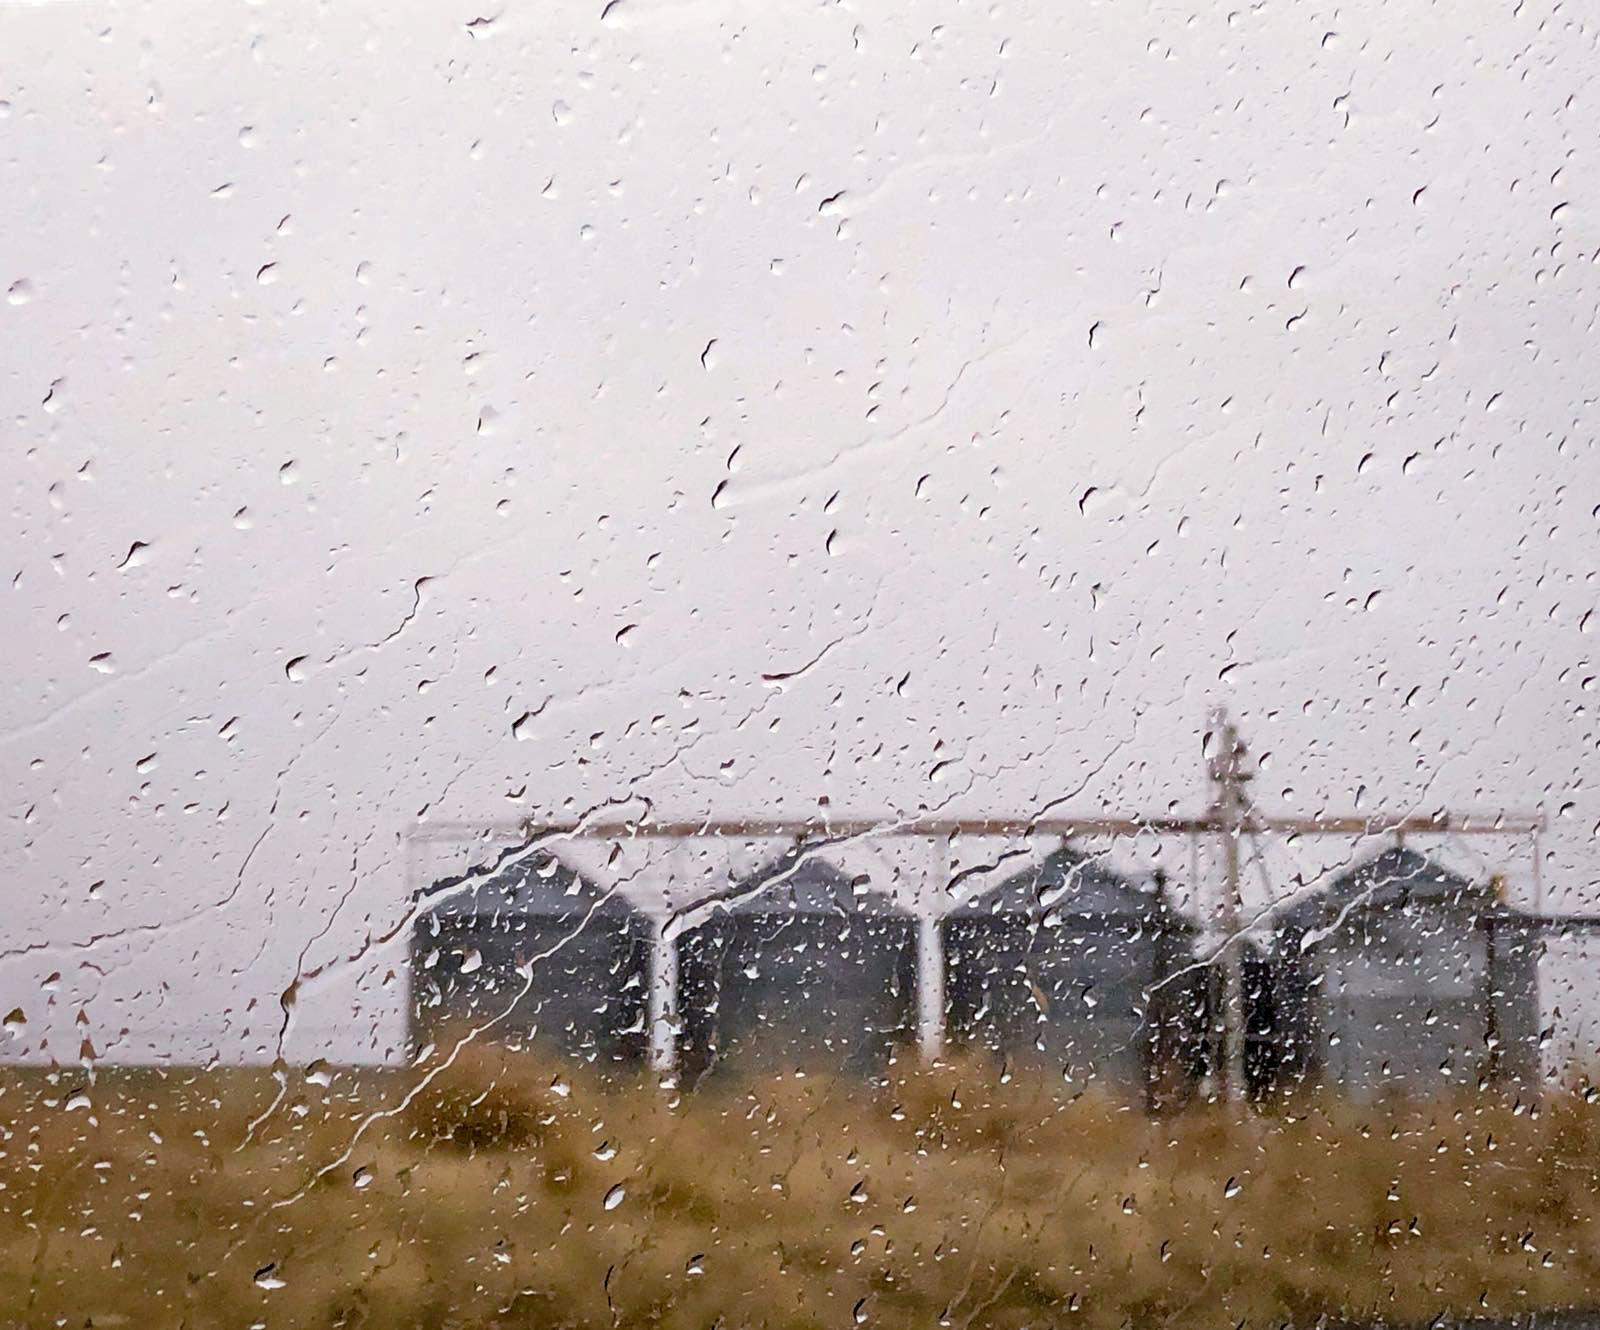 Rain on Silos